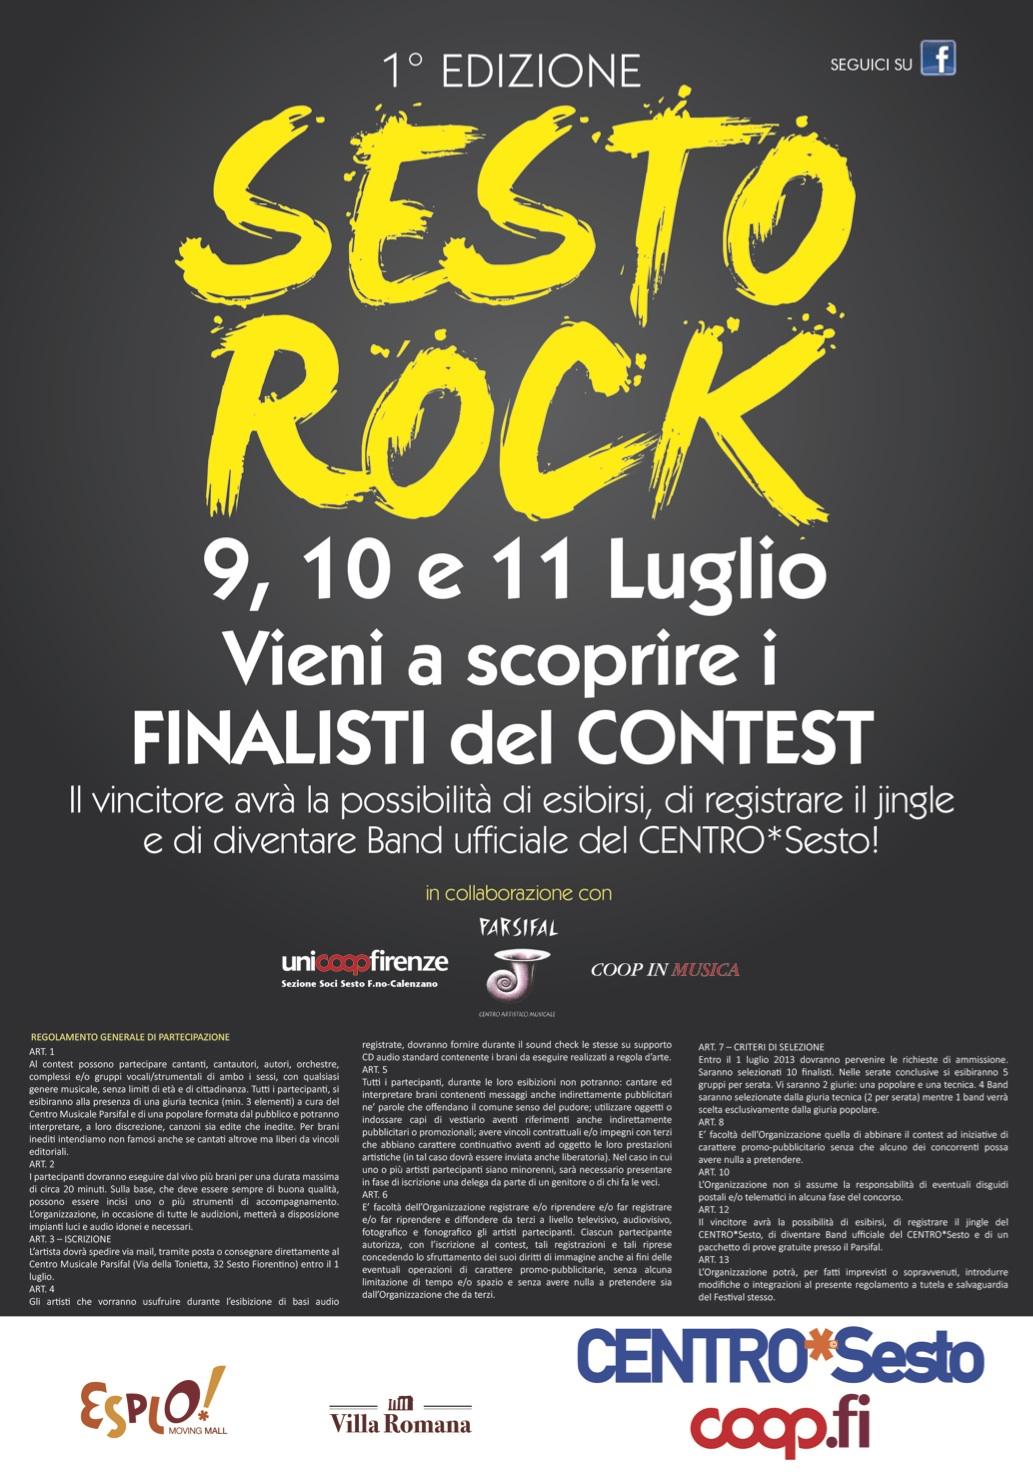 CENTRO*Sesto a tutto rock con il concorso per giovani talenti